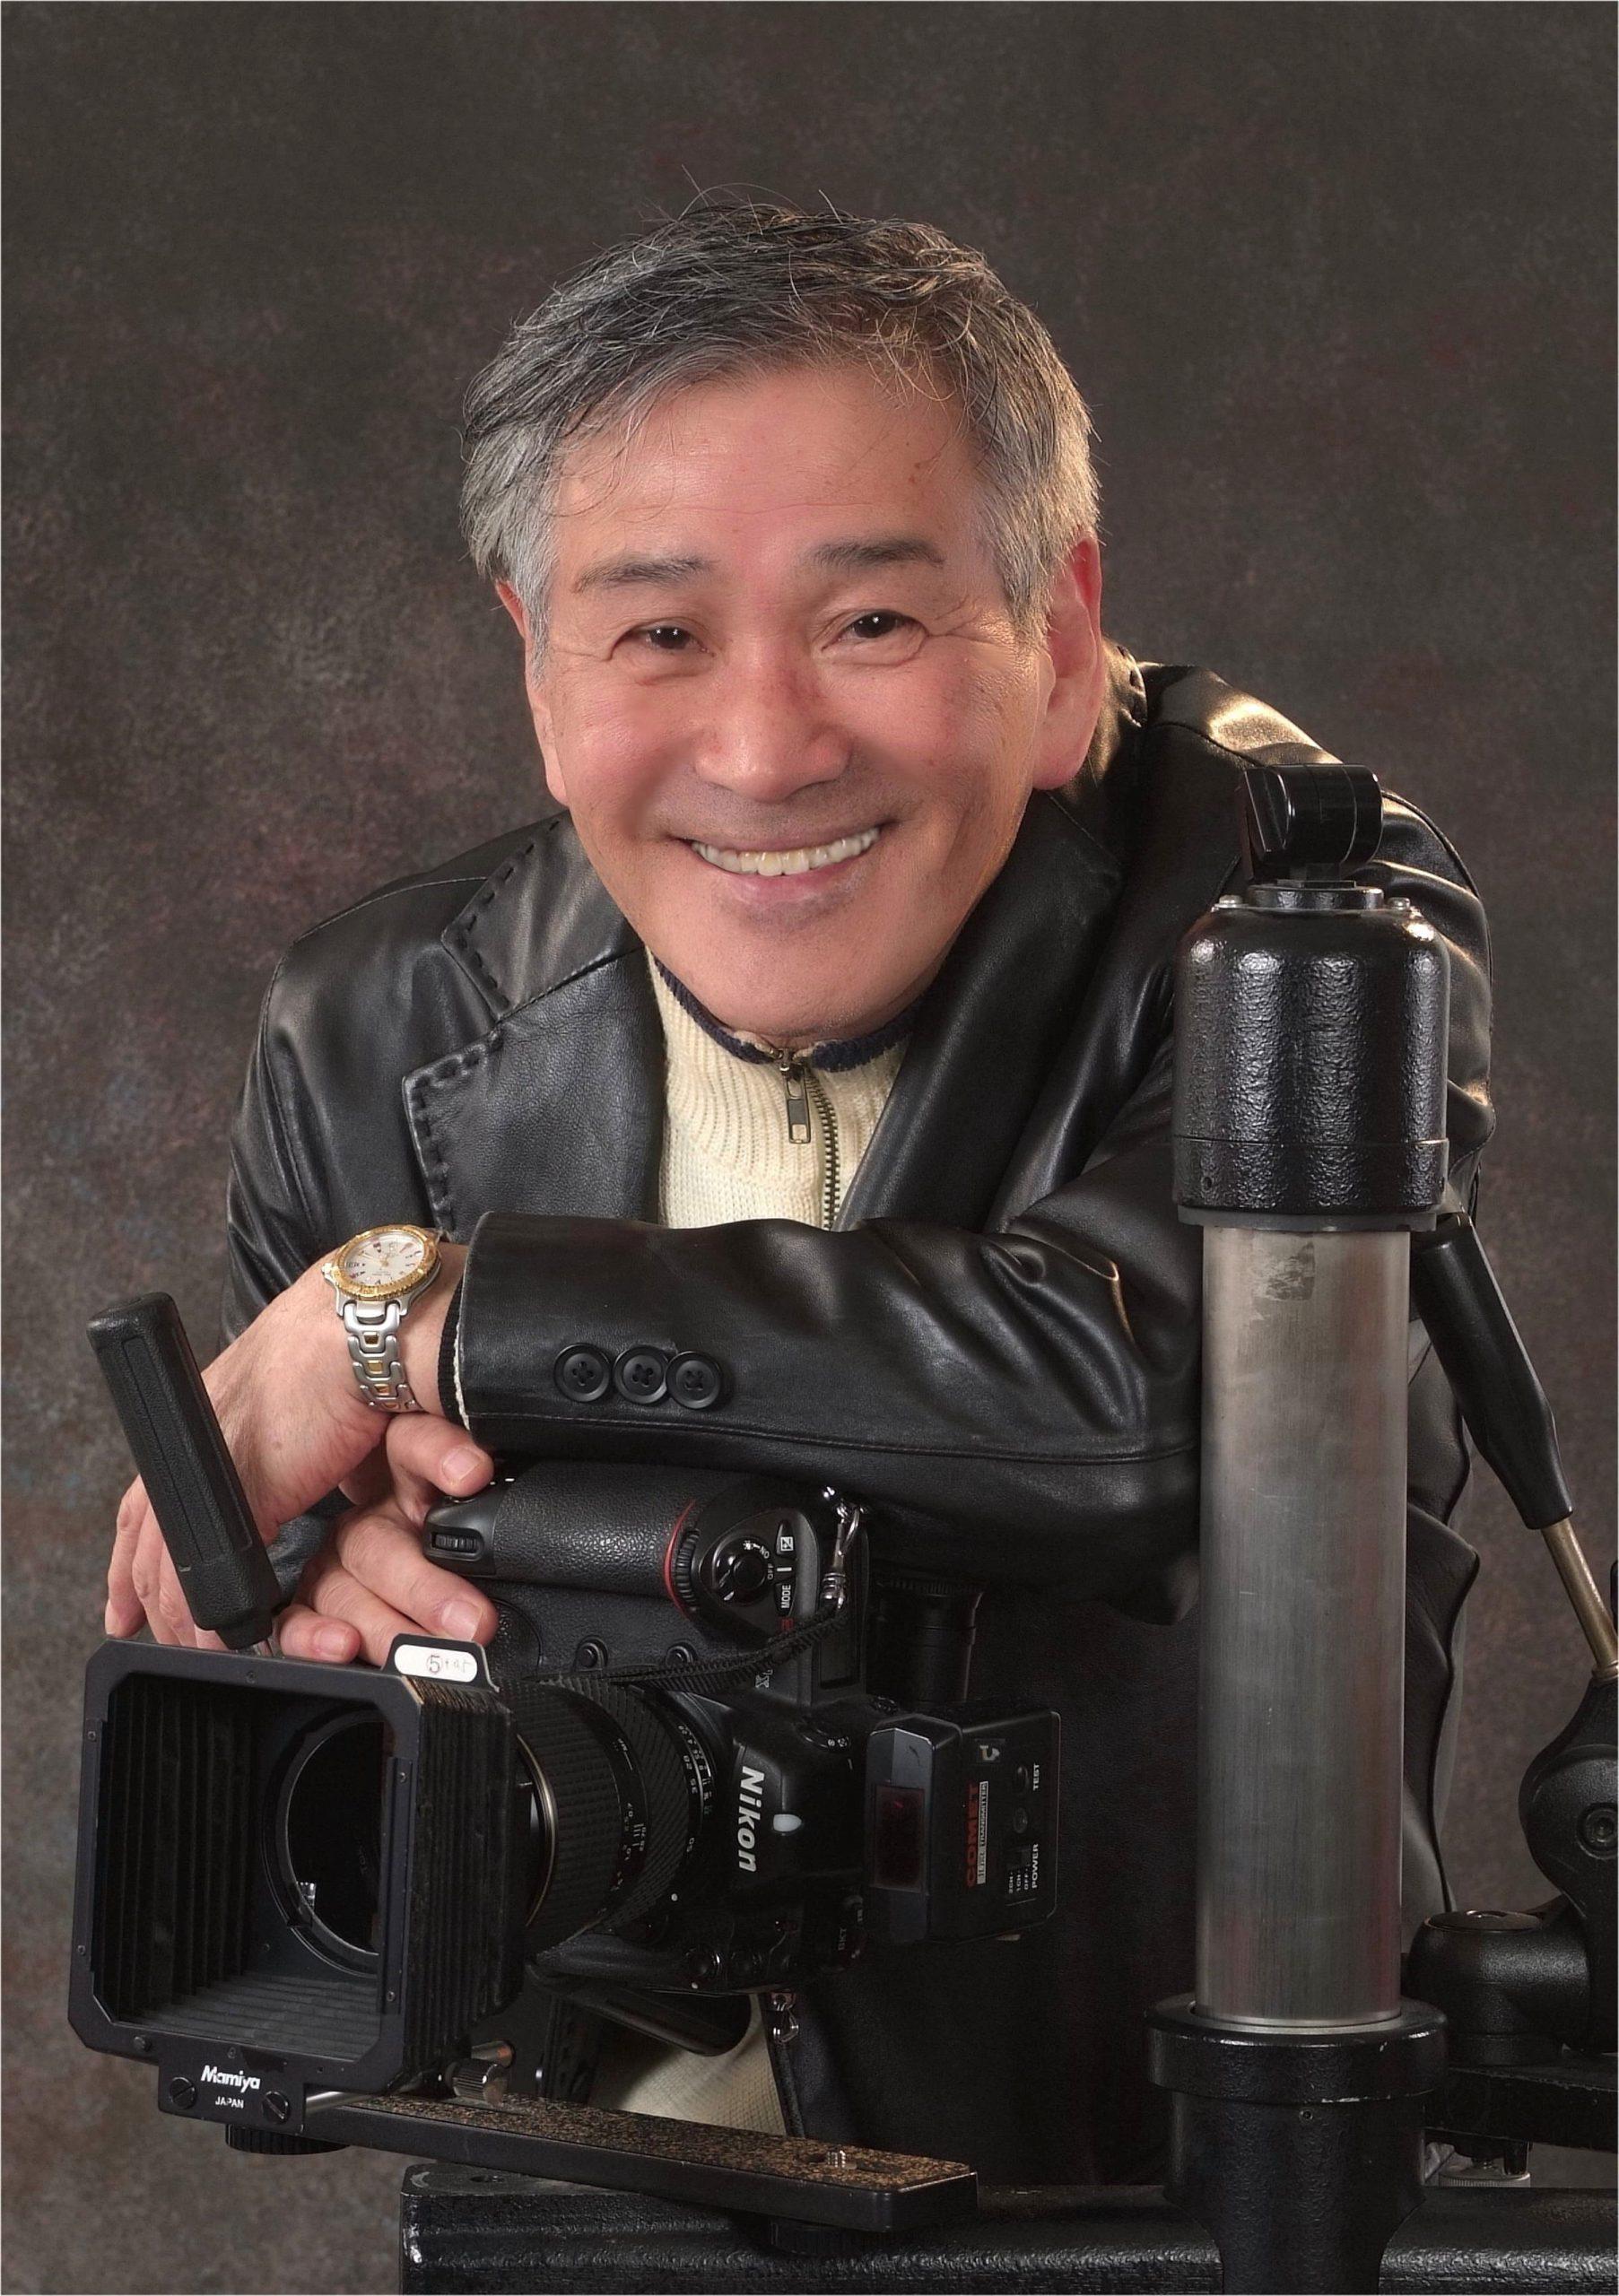 cameraman_portrait_02